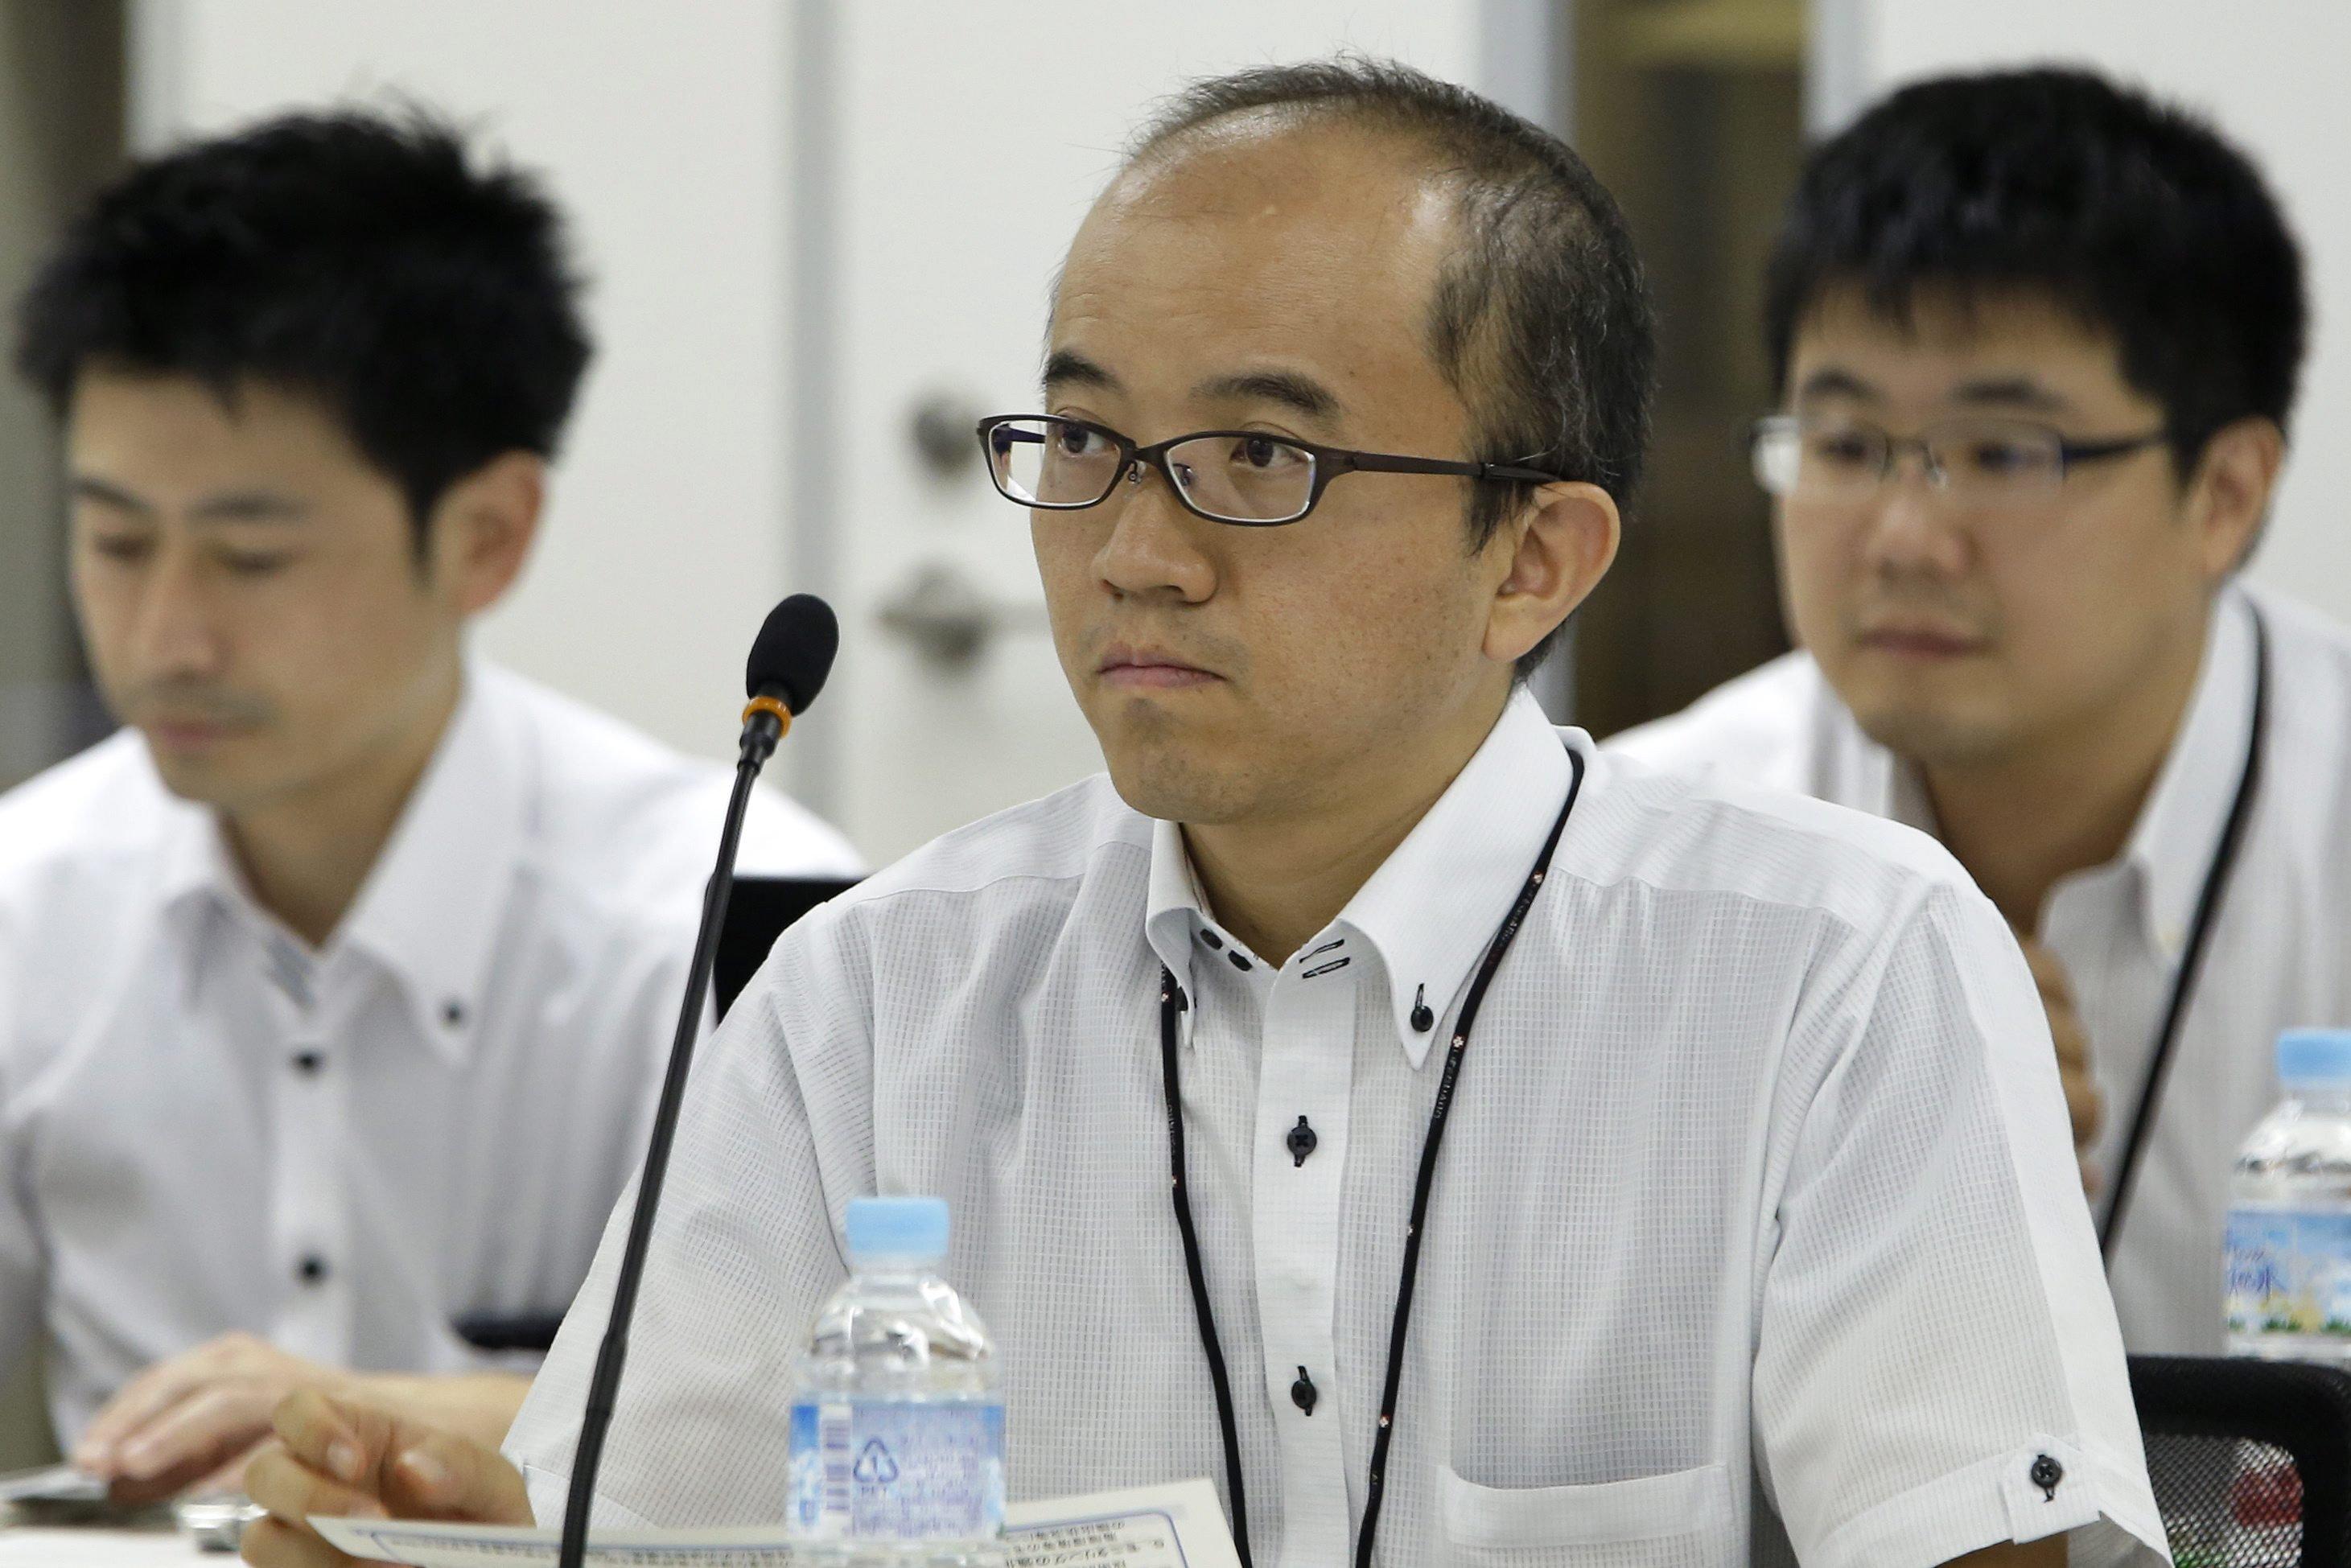 Von Shinji Kinjo, Chef der neu geschaffenen japanischen Atomregulierungsbehörde NRA, hängt es ab, ob demnächst japanische Atomkraftwerke wieder ans Netz gehen dürfen. Jetzt wurde das letzte AKW für eine Sicherheitsüberprüfung abgeschaltet.